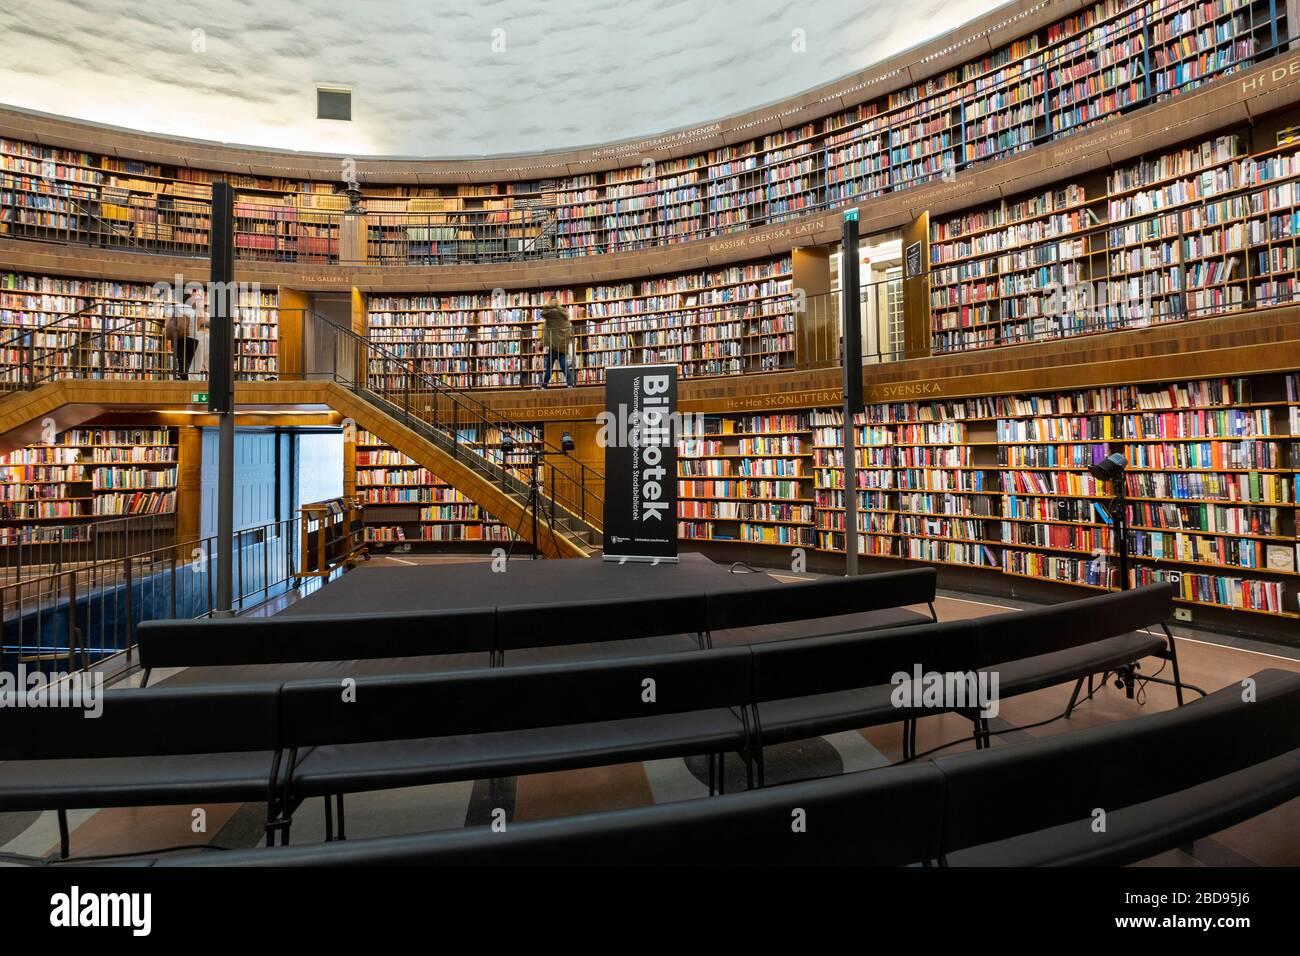 Öffentlicher Bücherschrank Stockfotos und  bilder Kaufen   Alamy